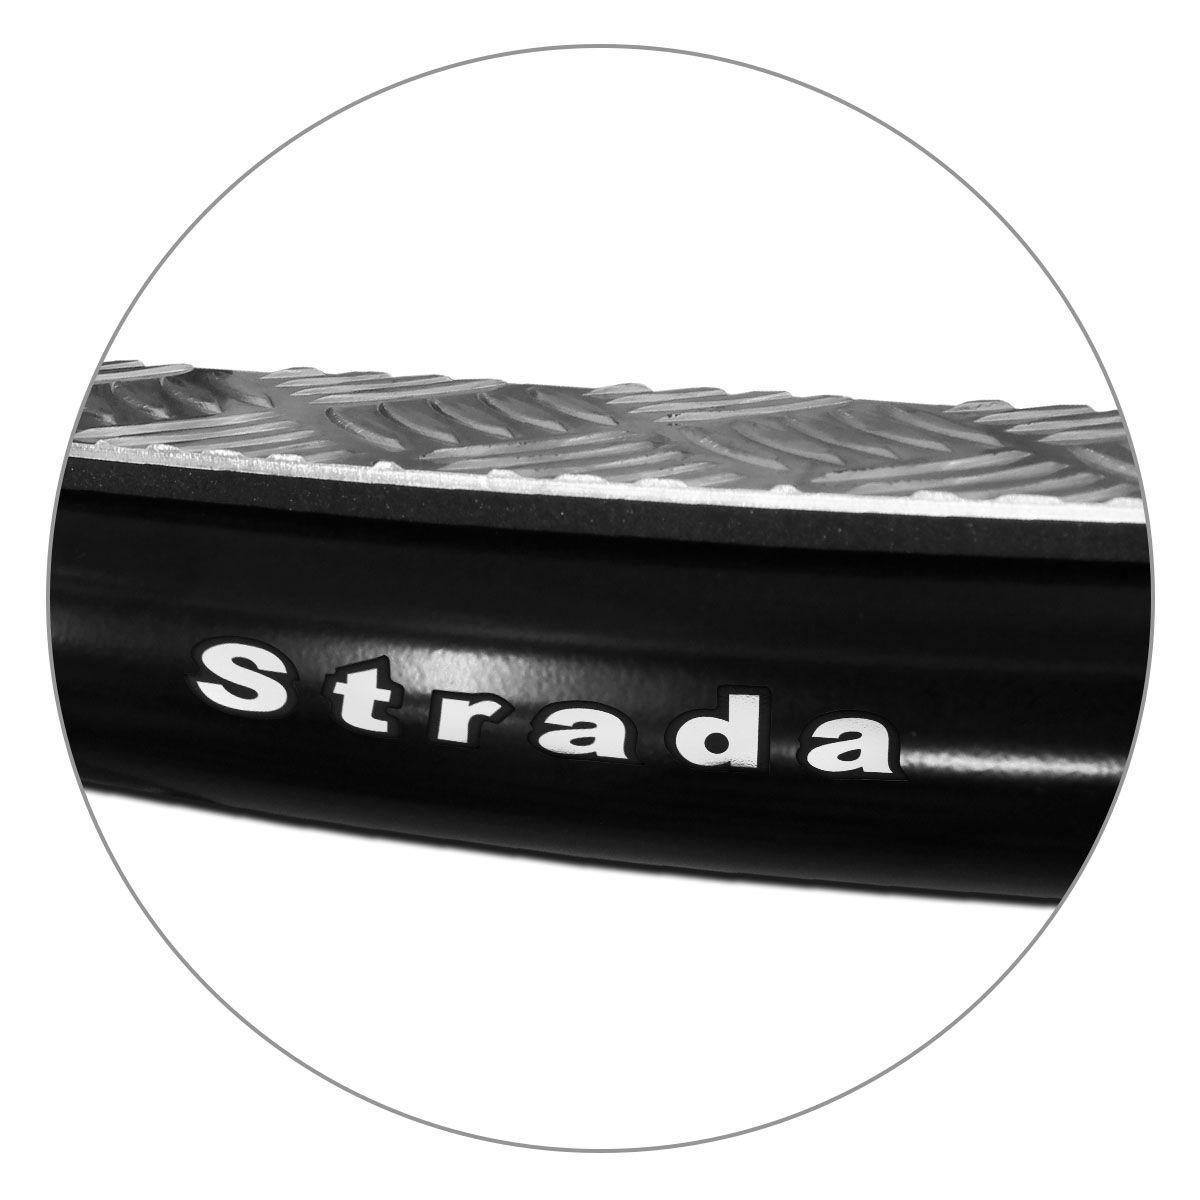 Estribo Lateral Strada 1998 a 2019 Tubolar Preto Chapa Aluminio